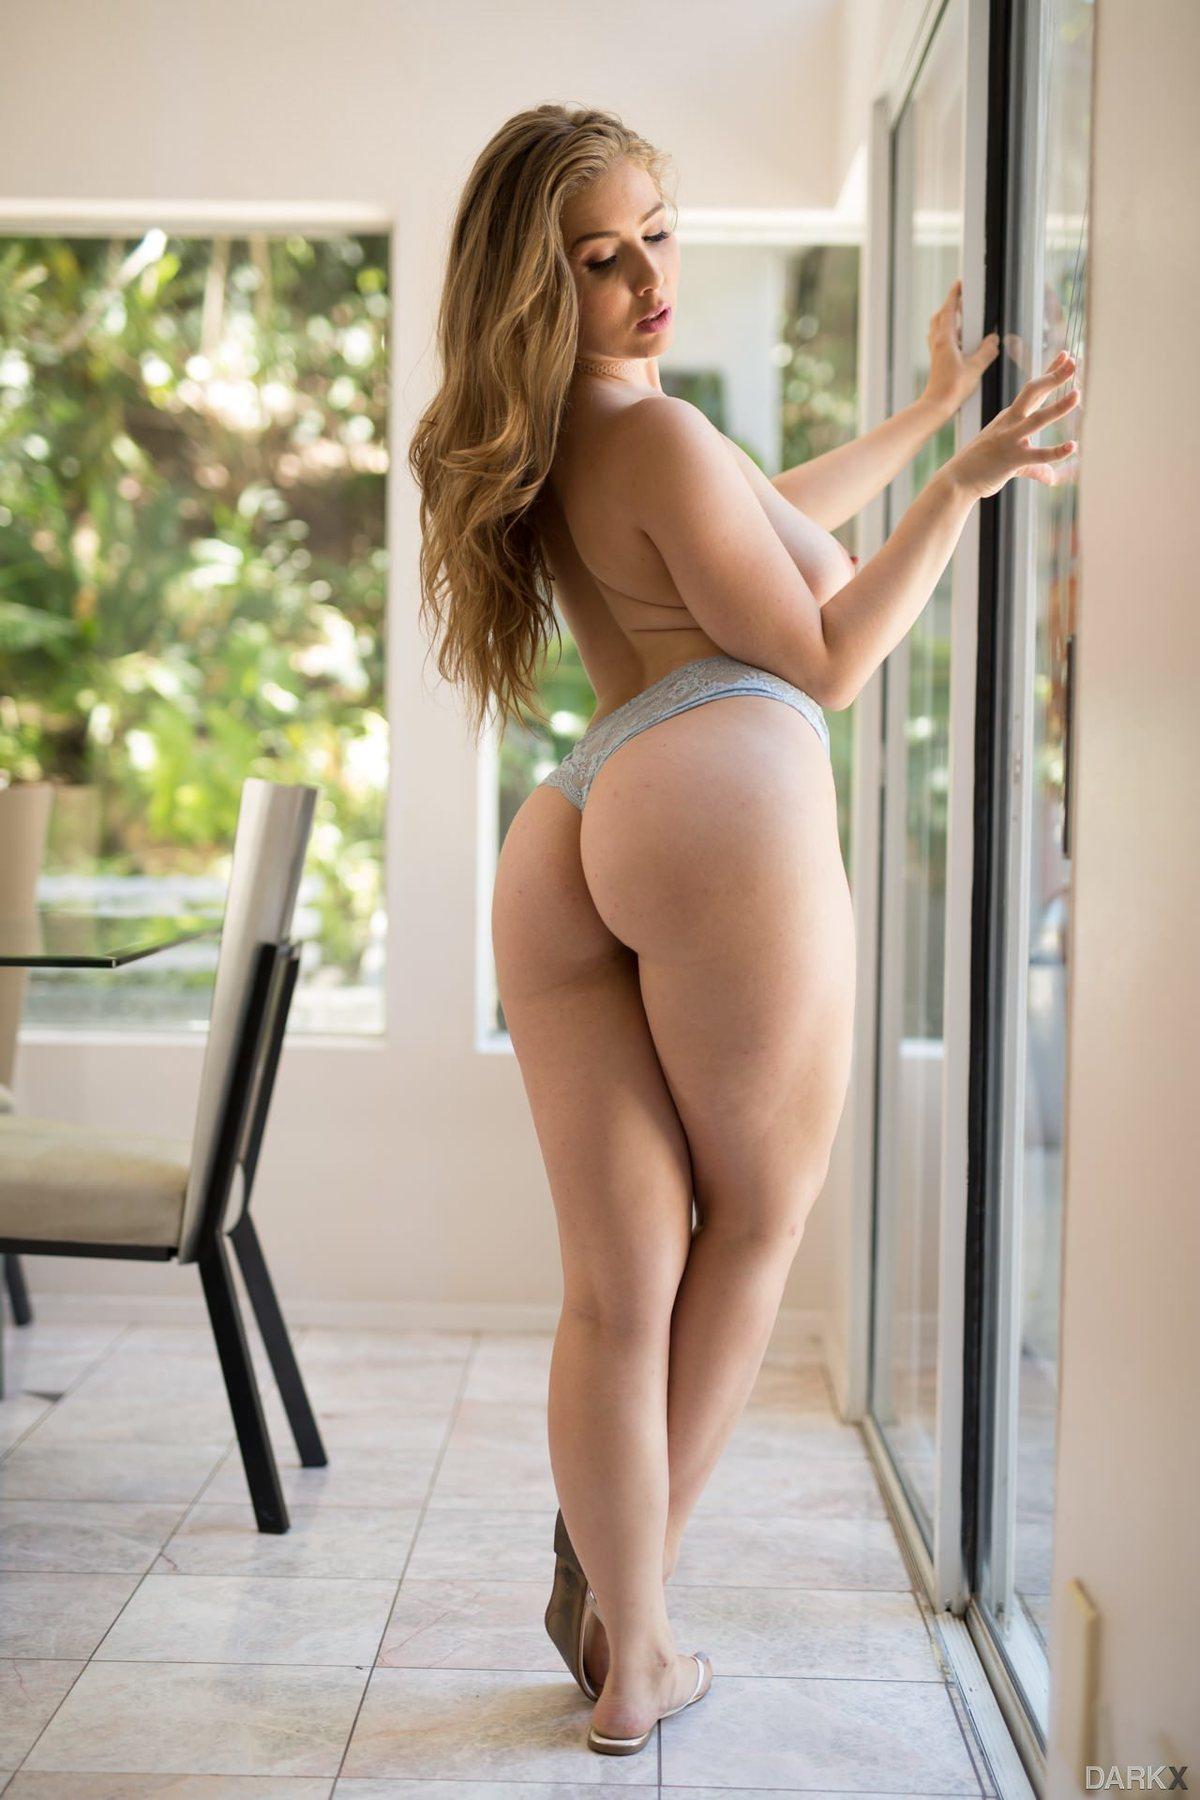 Lena paul spanish